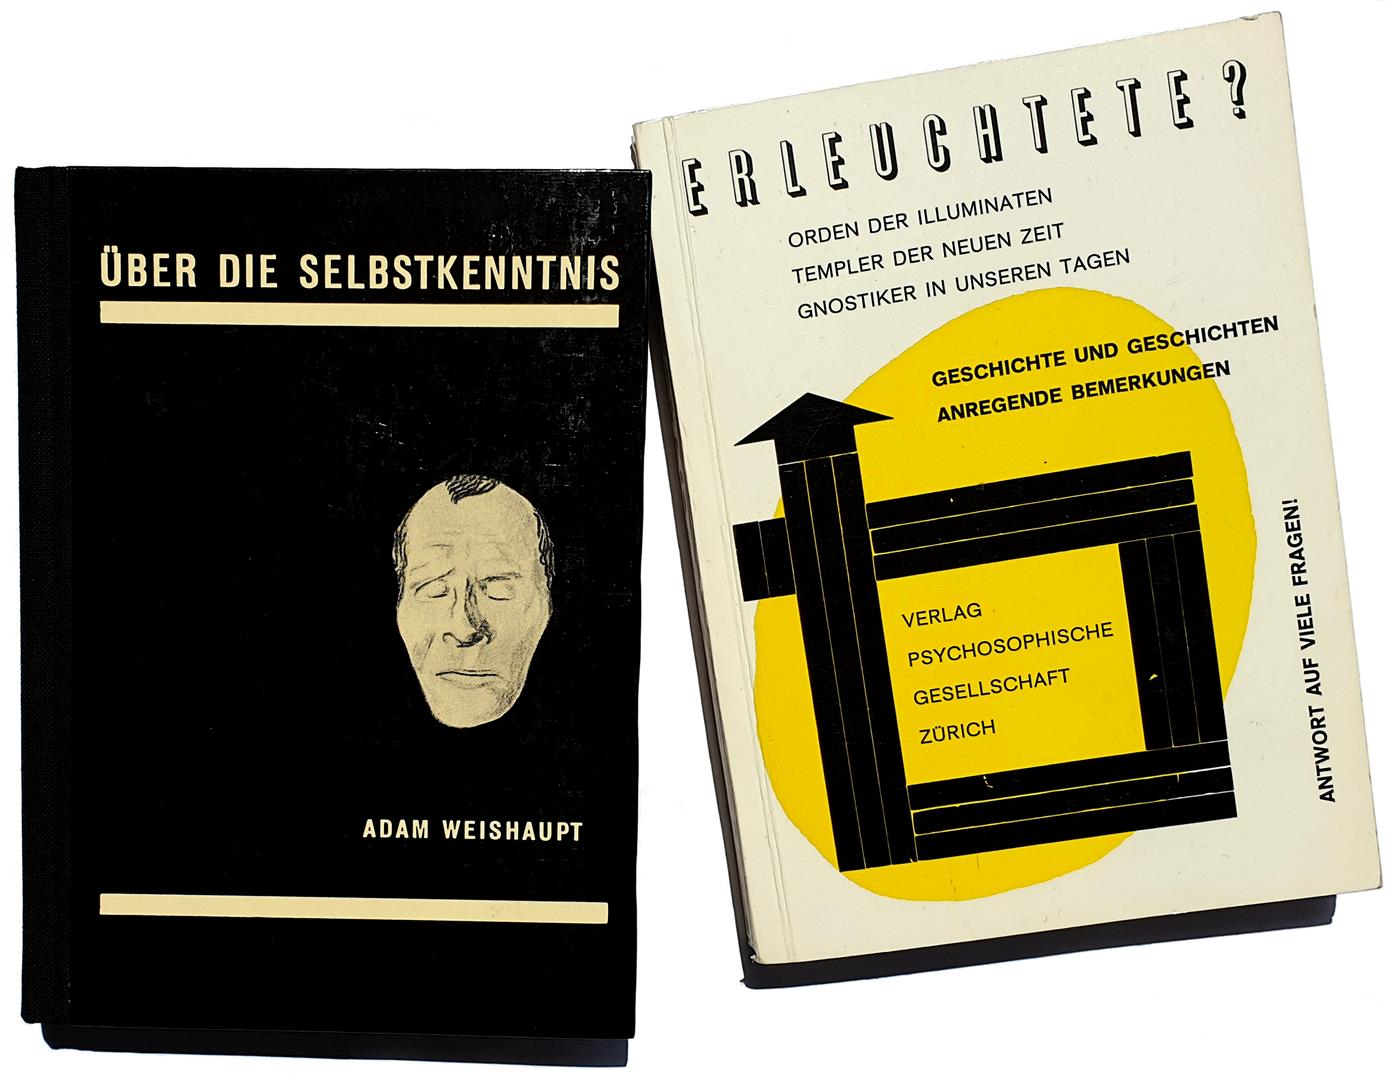 Illuminati — Adam Weishaupt — Ueber die Selbstkenntnis - Hermann Joseph Metzger - Die Erleuchteten